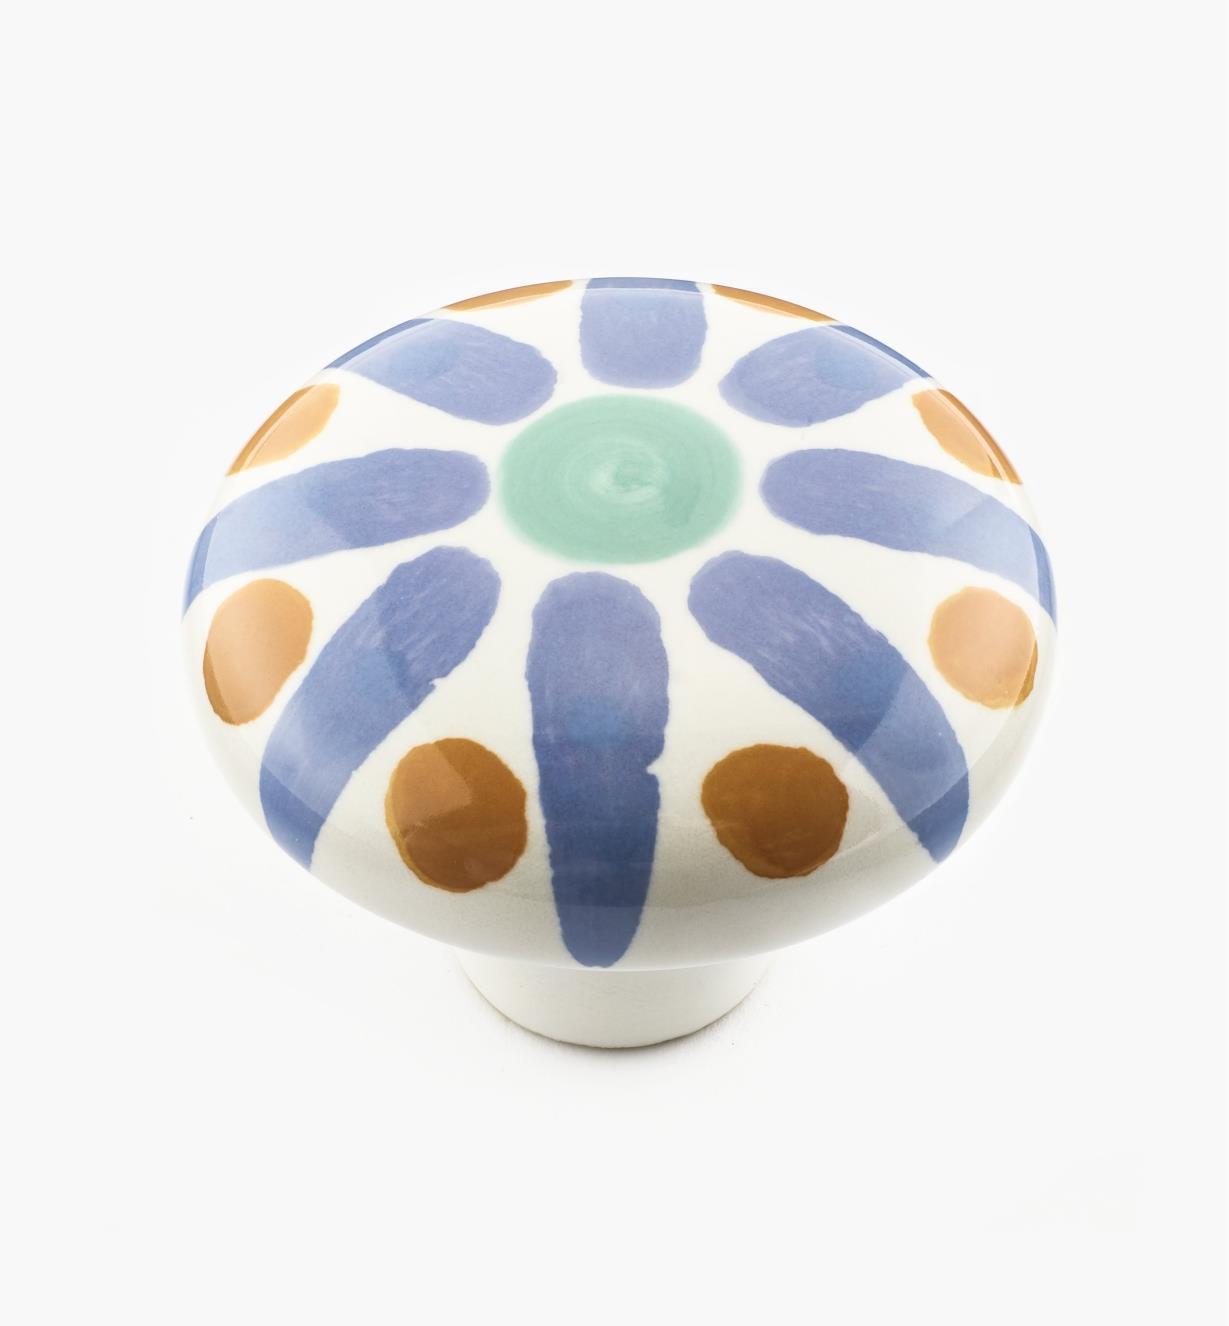 02W1501 - Bouton en céramique peint à la main, rayons de soleil bleus, 2 po